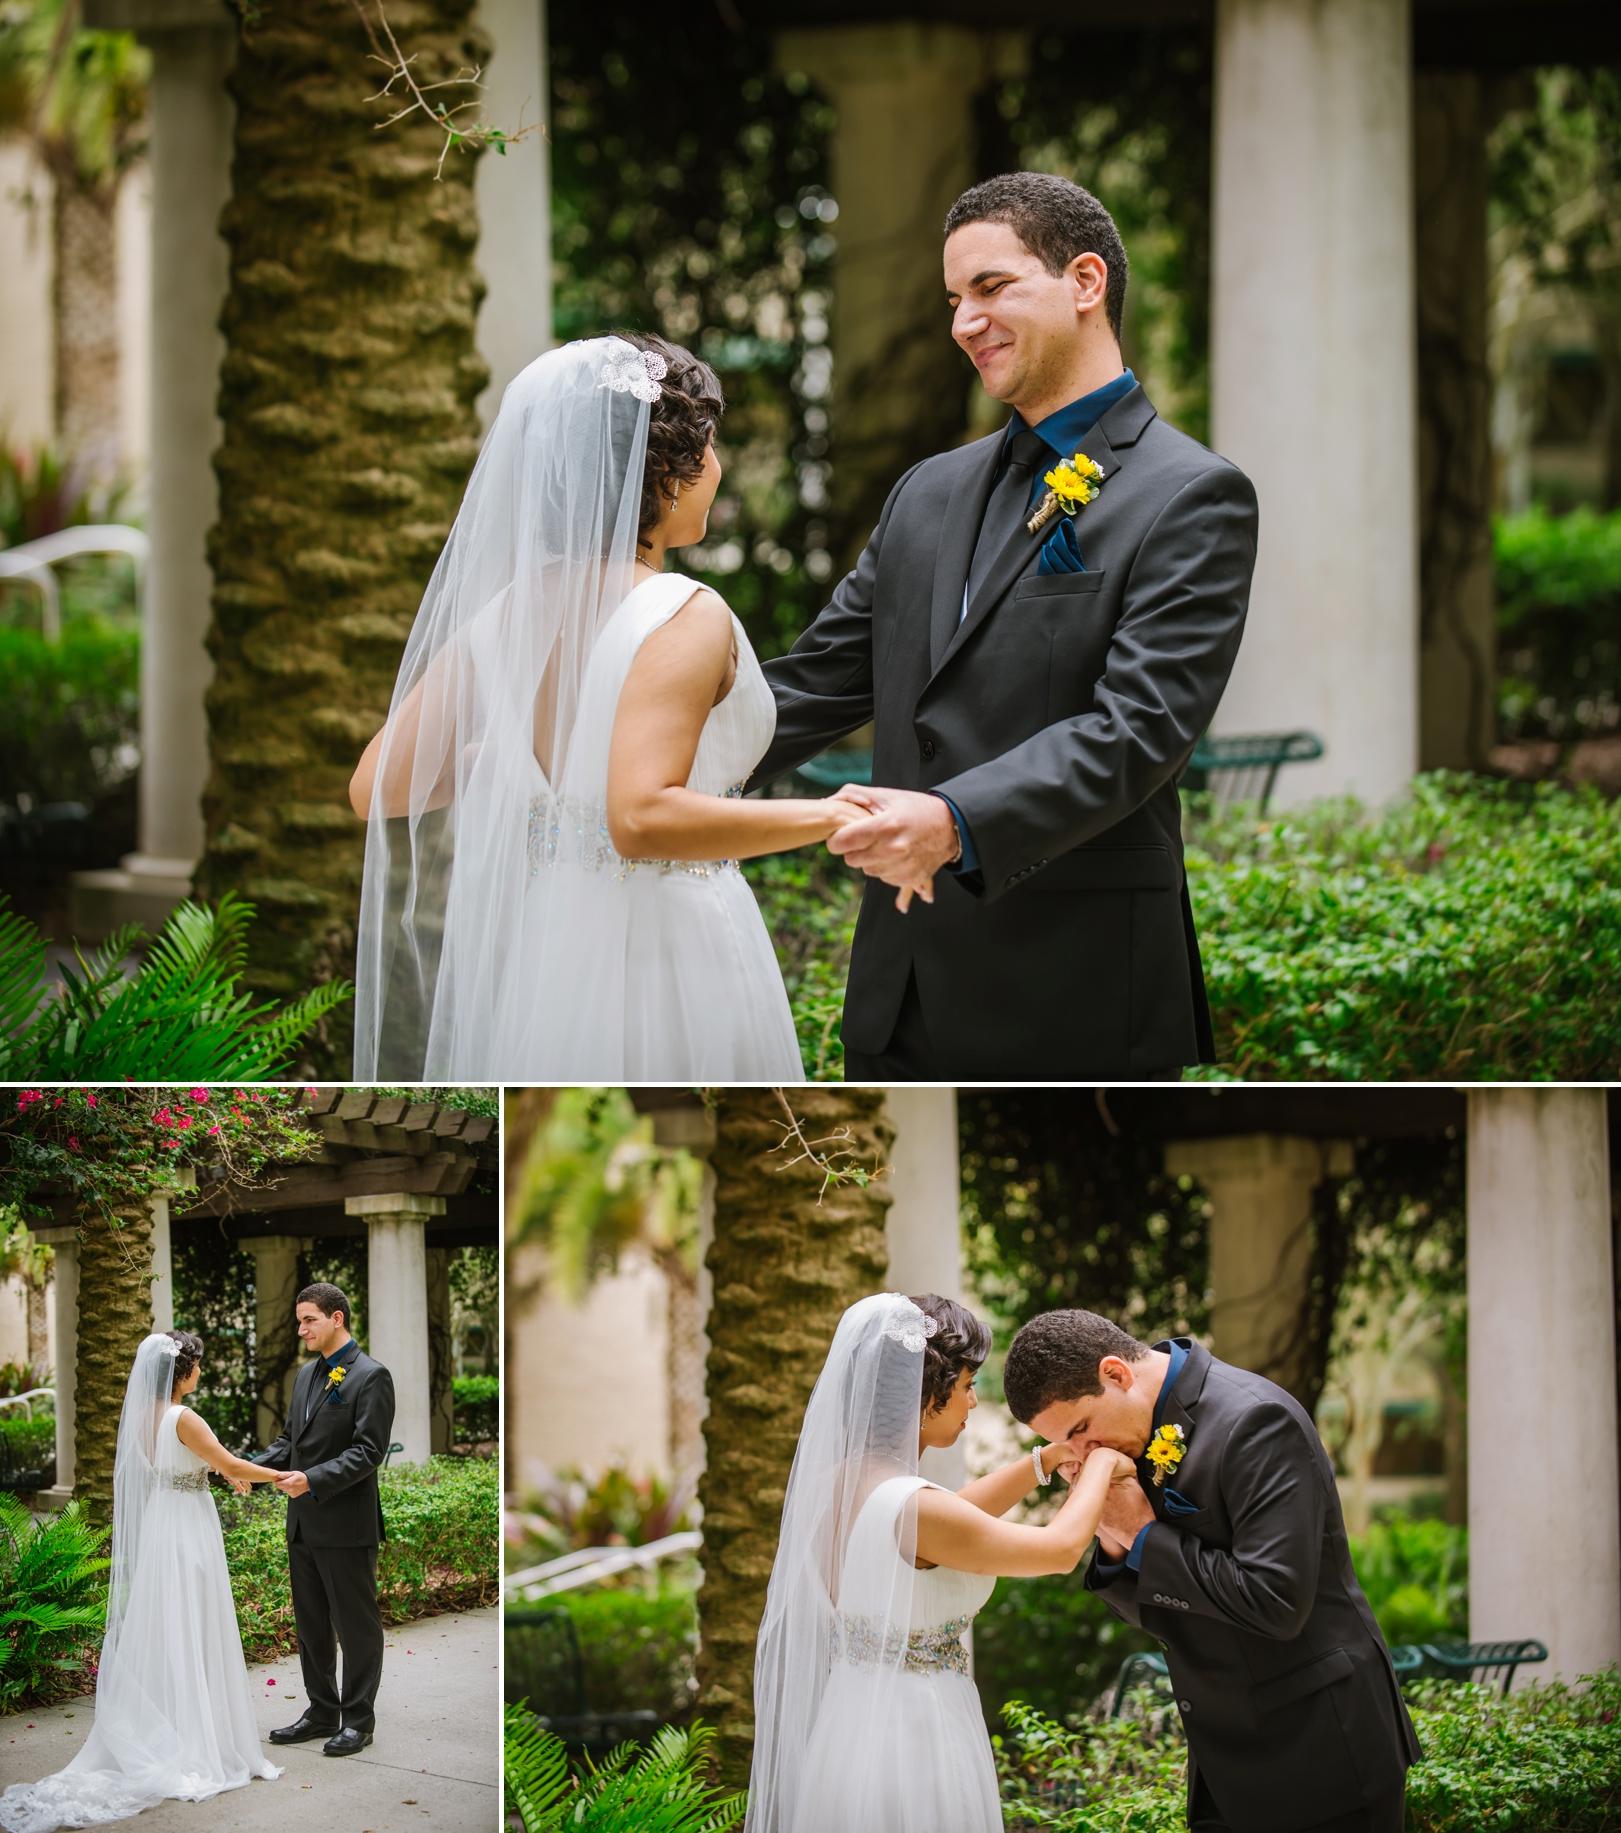 tampa-wedding-photographer-ashlee-hamon-usf_0008.jpg